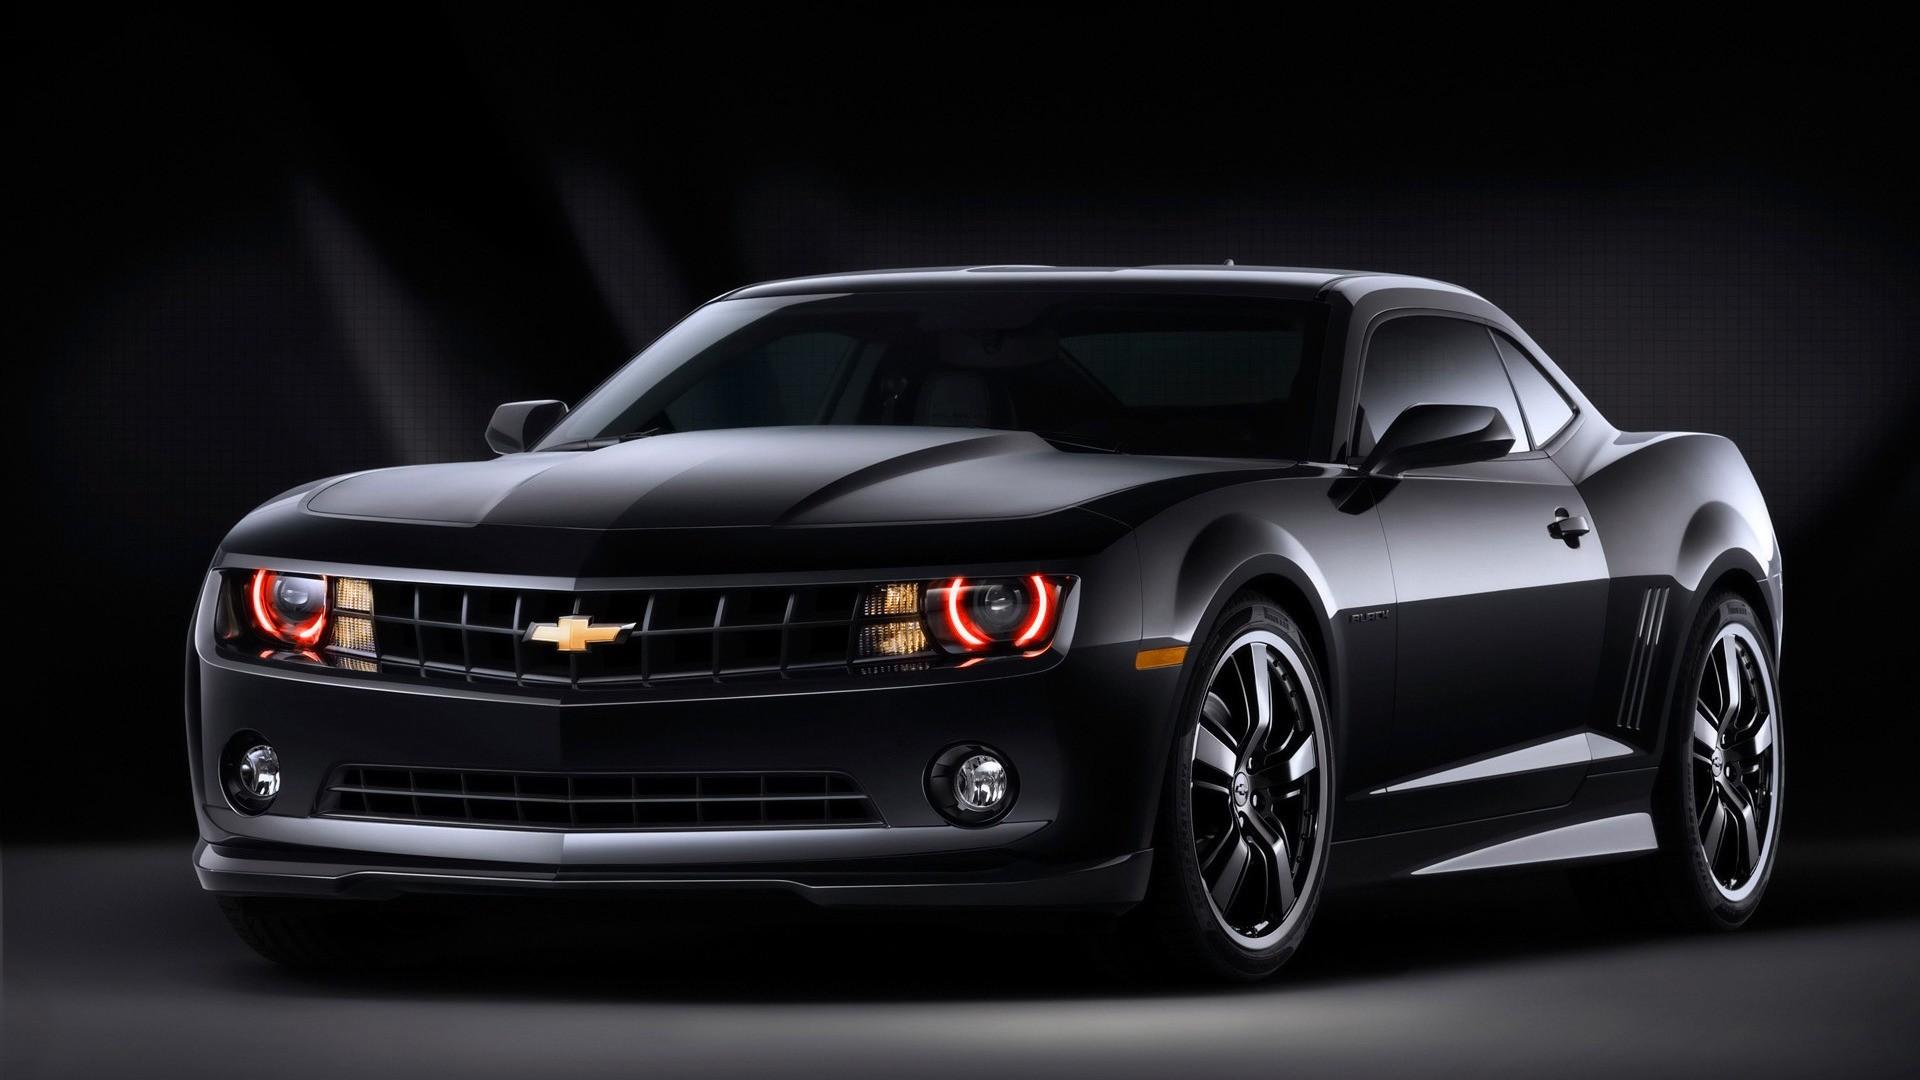 1080p Chevrolet Car-HD Wallpaper